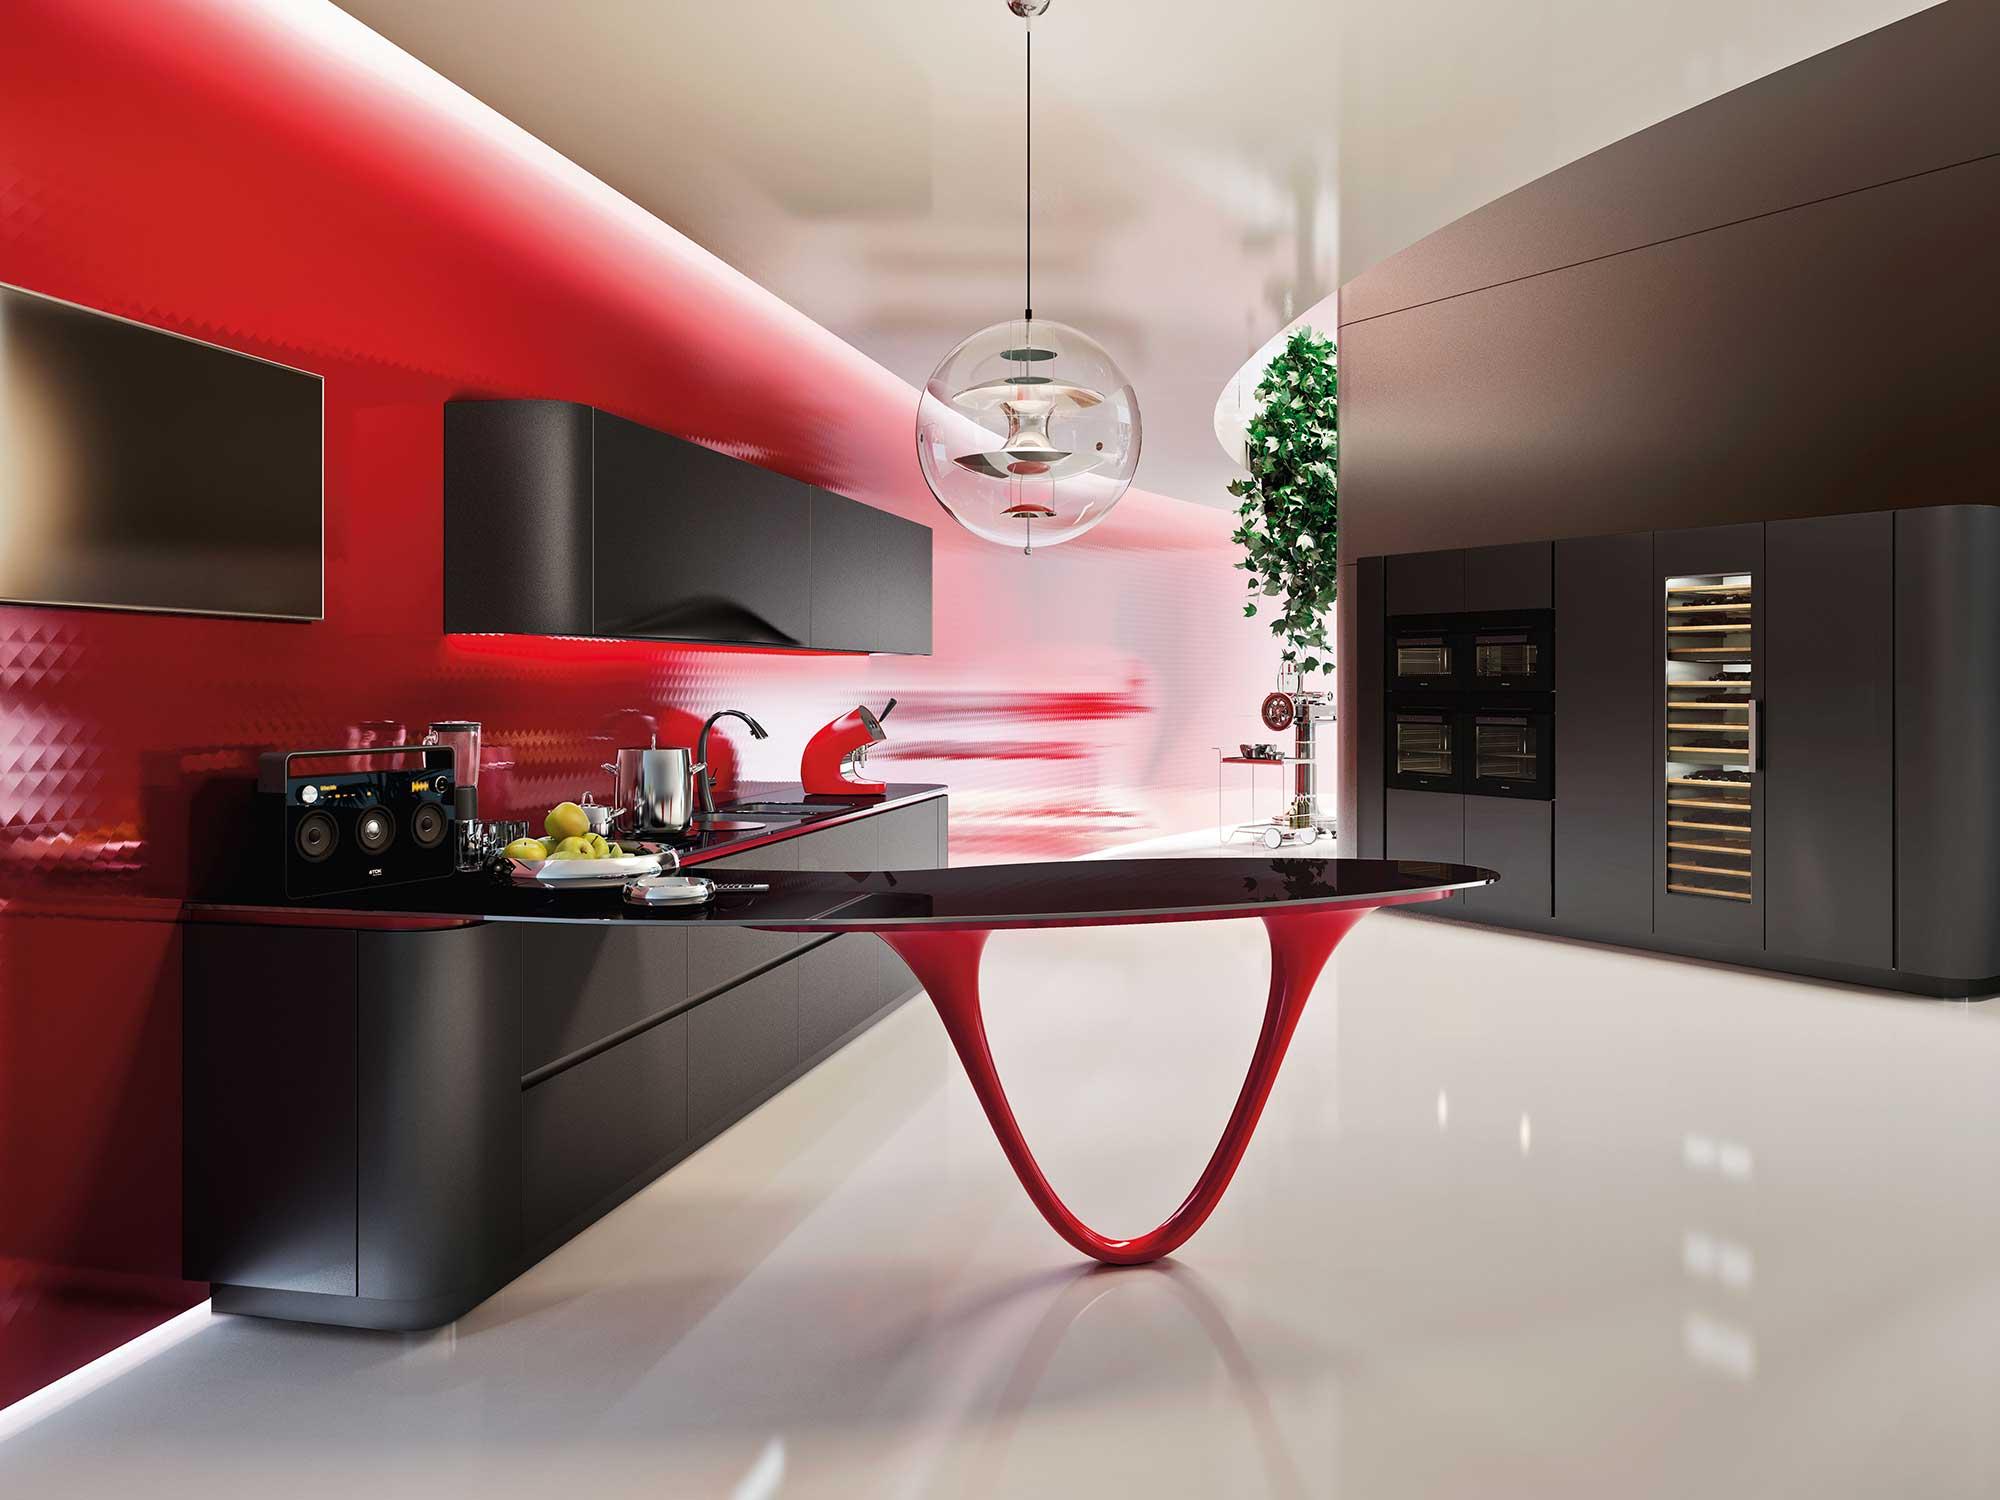 Cucine Snaidero: lo stile Pininfarina e Iosa Ghini | Ville&Casali